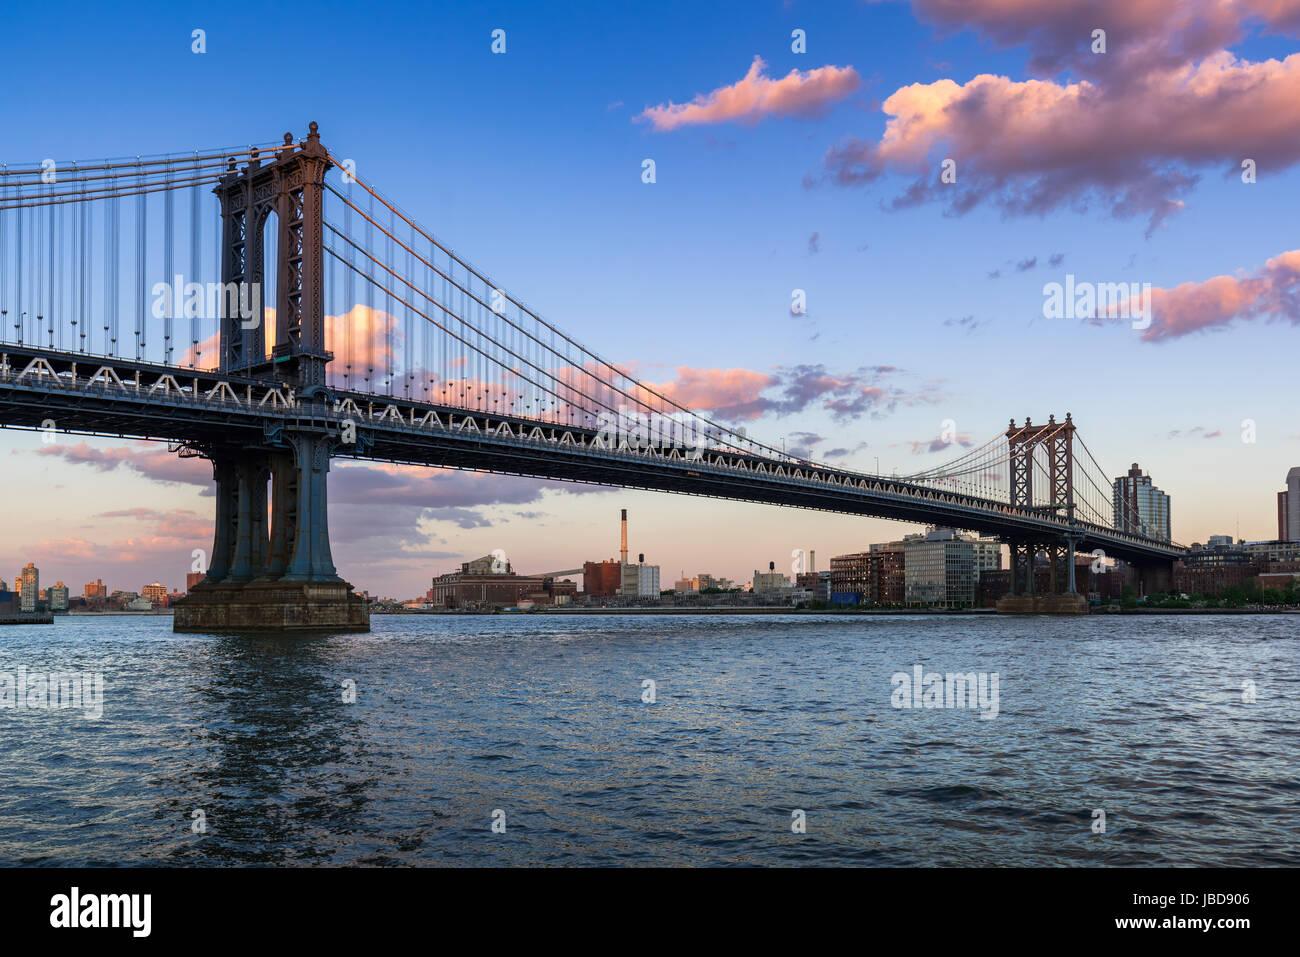 Manhattan Bridge (puente colgante de larga span) sobre el East River al atardecer con vista de Brooklyn. La Ciudad Foto de stock